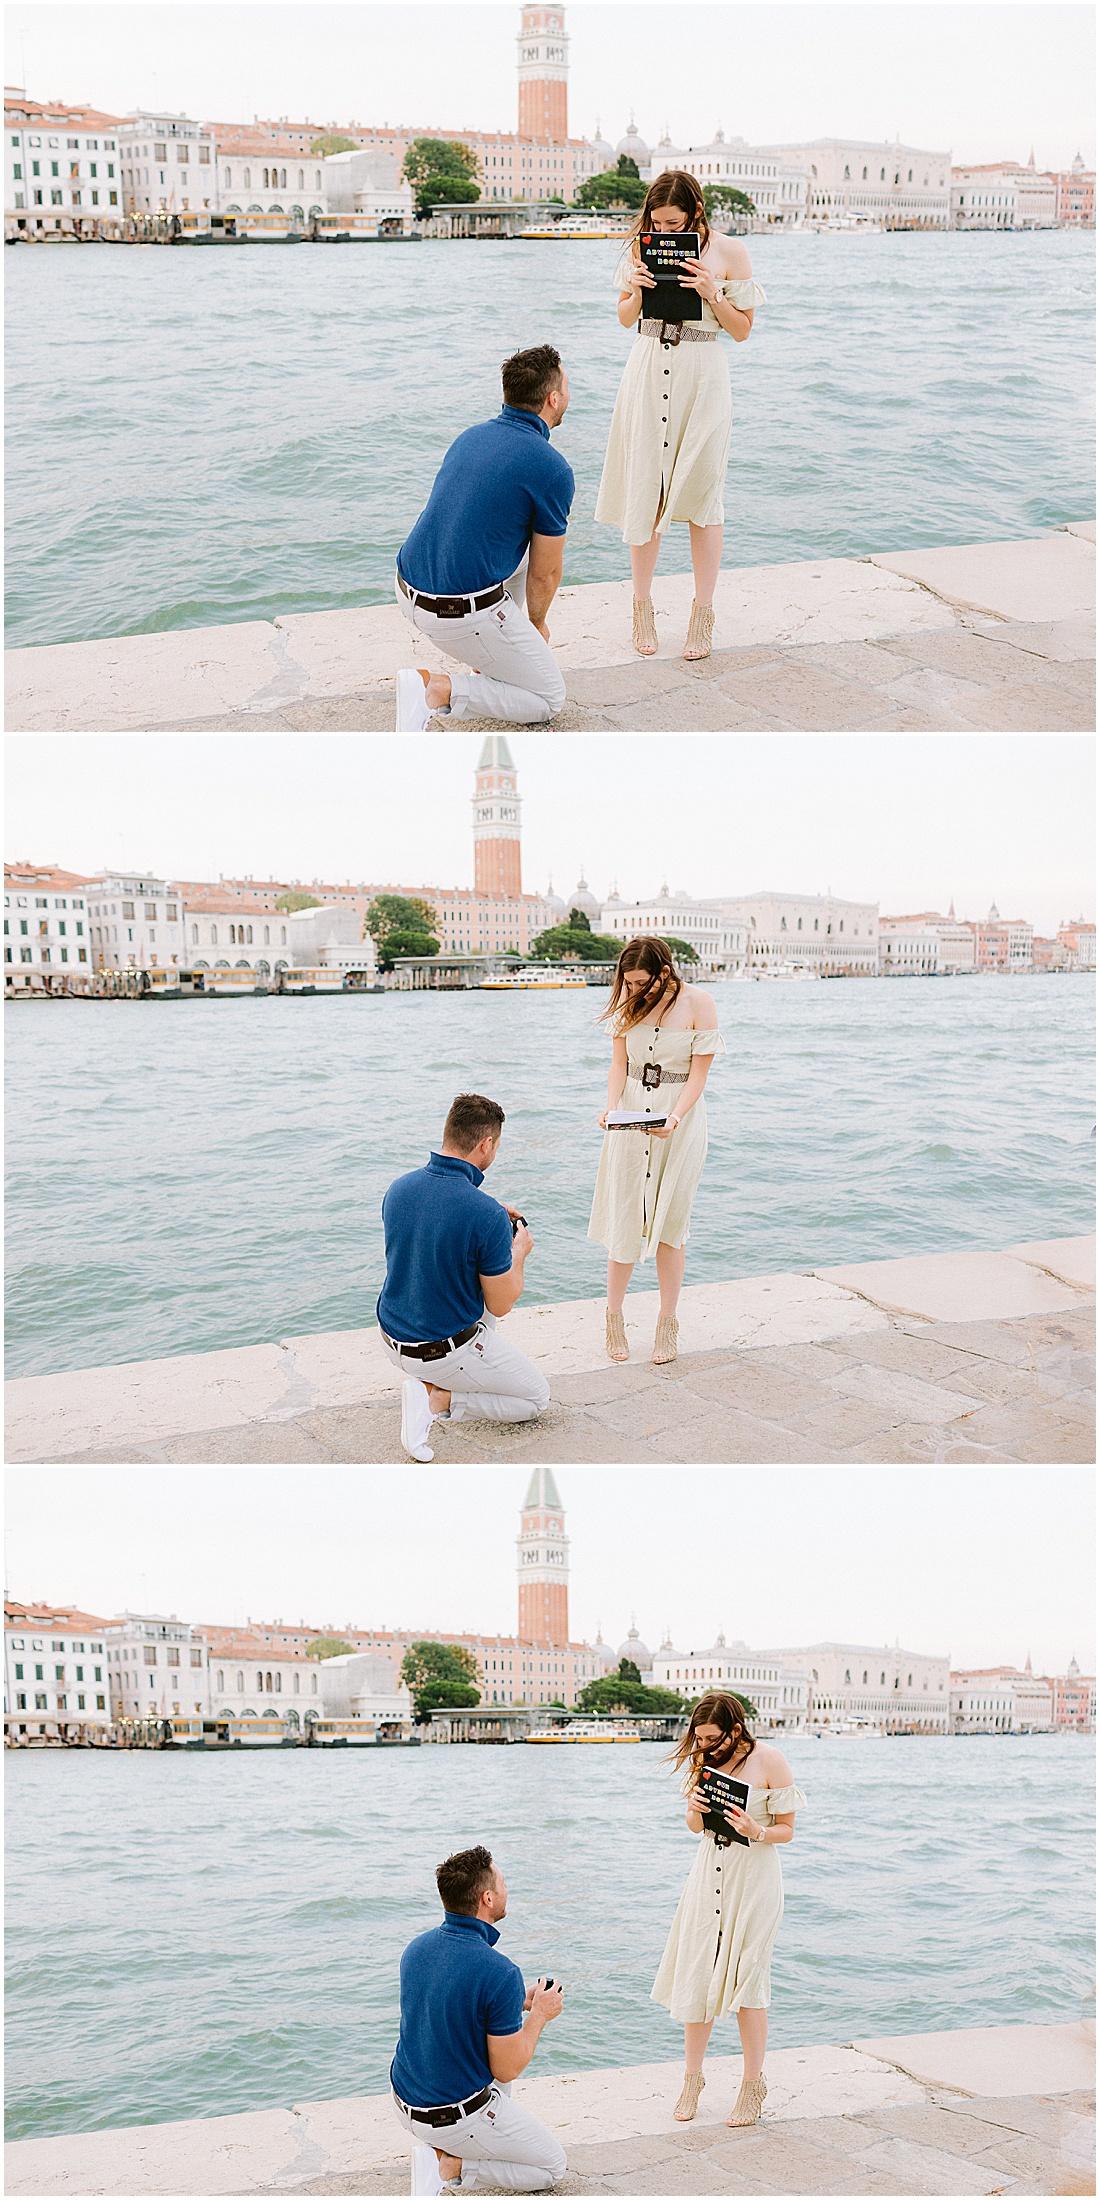 wedding-surprise-proposal-photographer-venice-gondola-sunset-stefano-degirmenci_0365.jpg